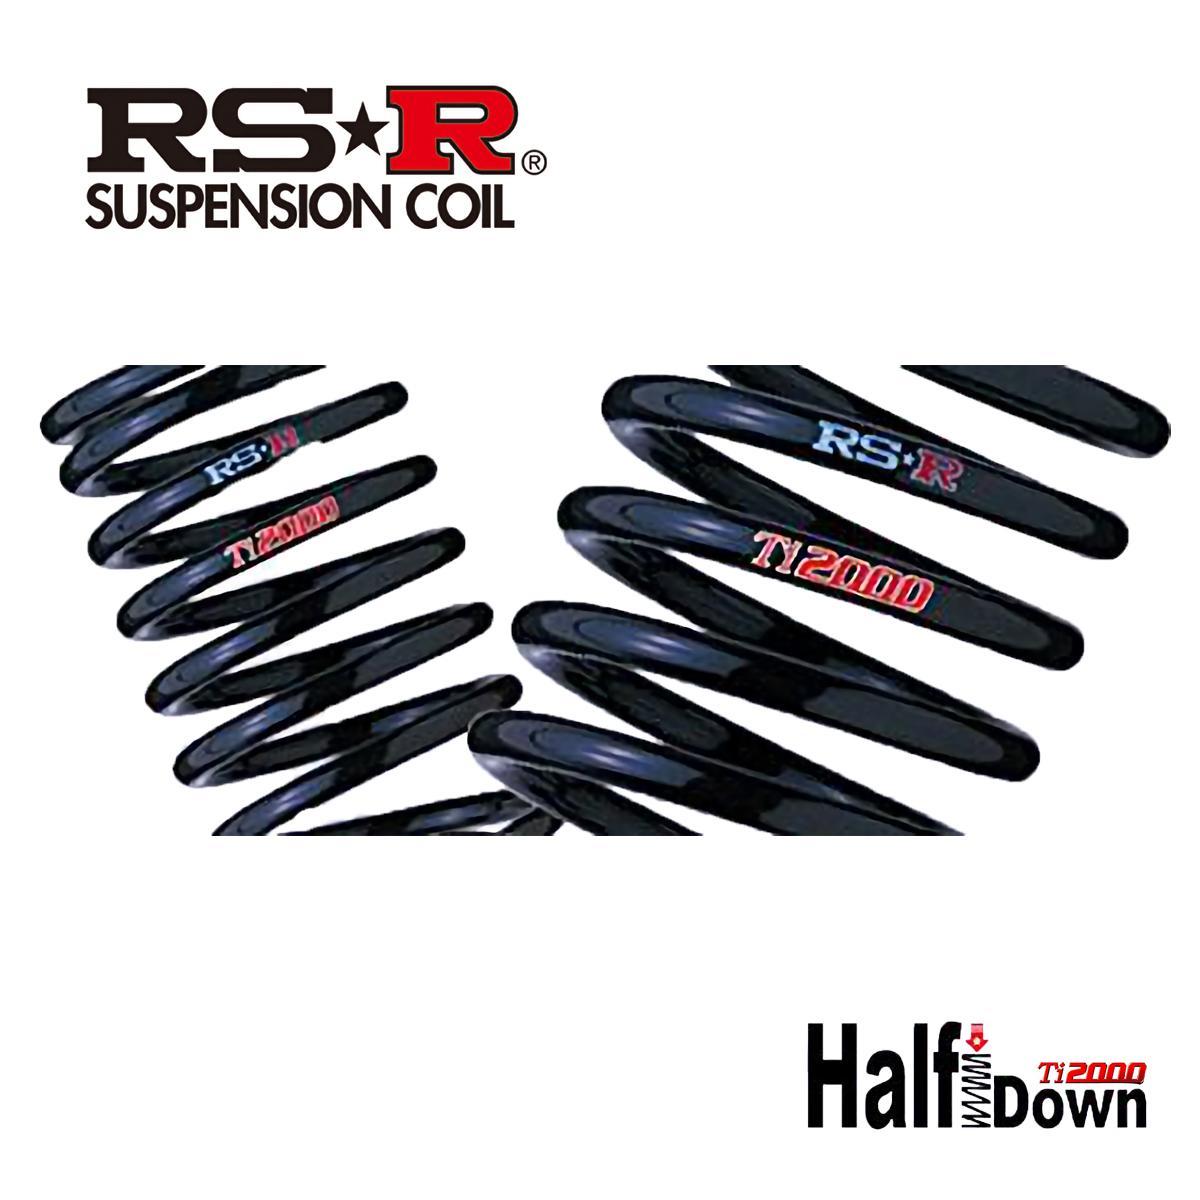 RS-R ワゴンR ハイブリッドFZ MH55S ダウンサス スプリング フロント S174THDF Ti2000 ハーフダウン RSR 個人宅発送追金有